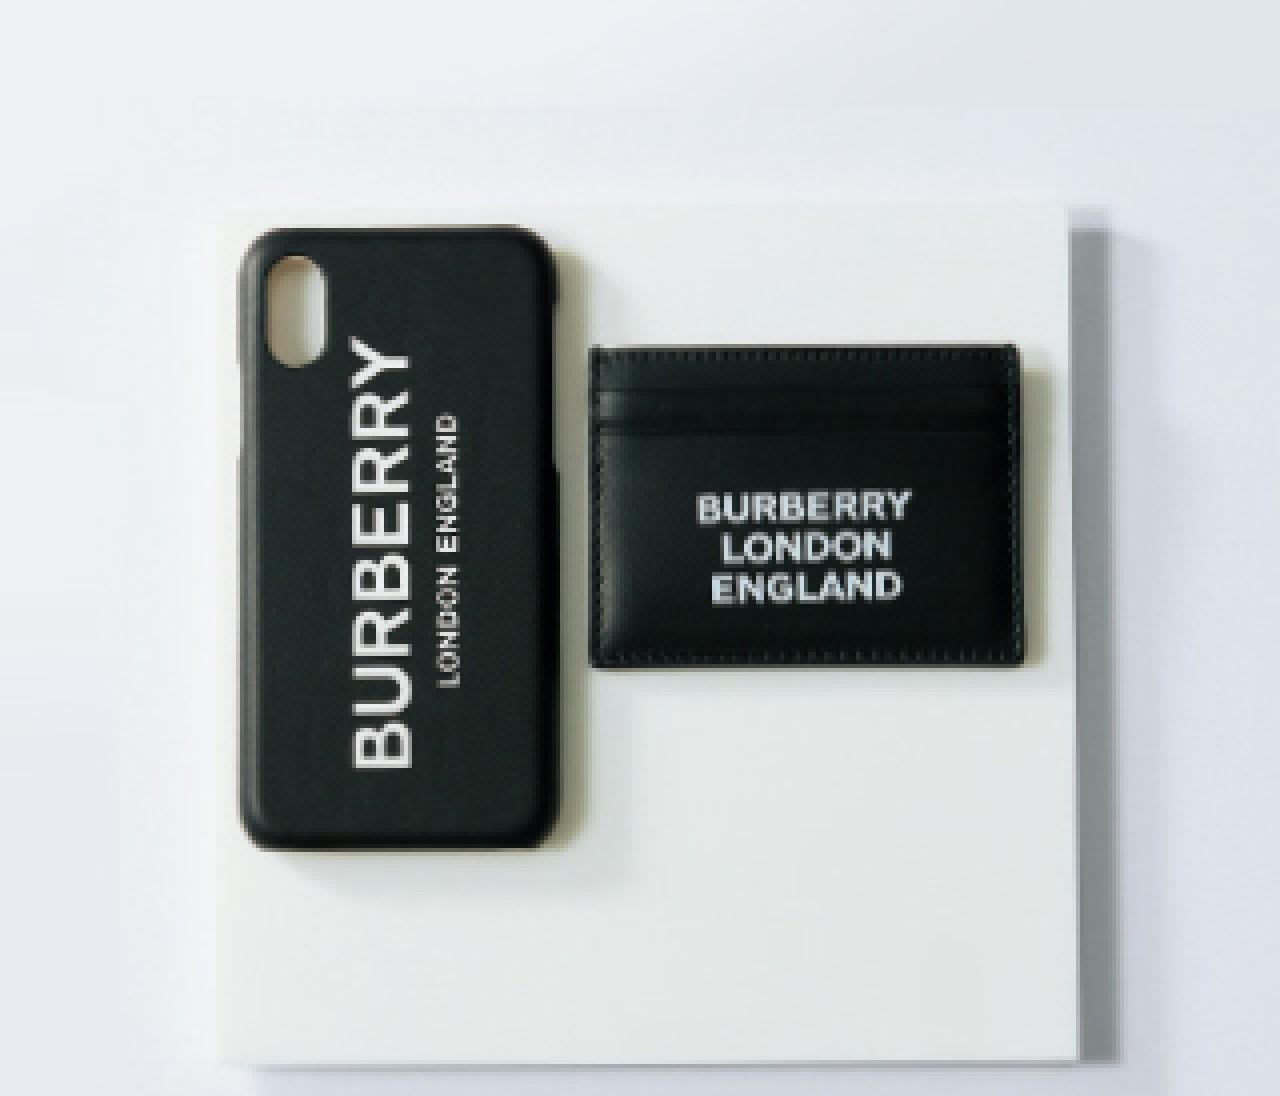 【BURBERRY】ユニセックスデザインは彼へのプレゼントにも♡ スモールレザーグッズ③